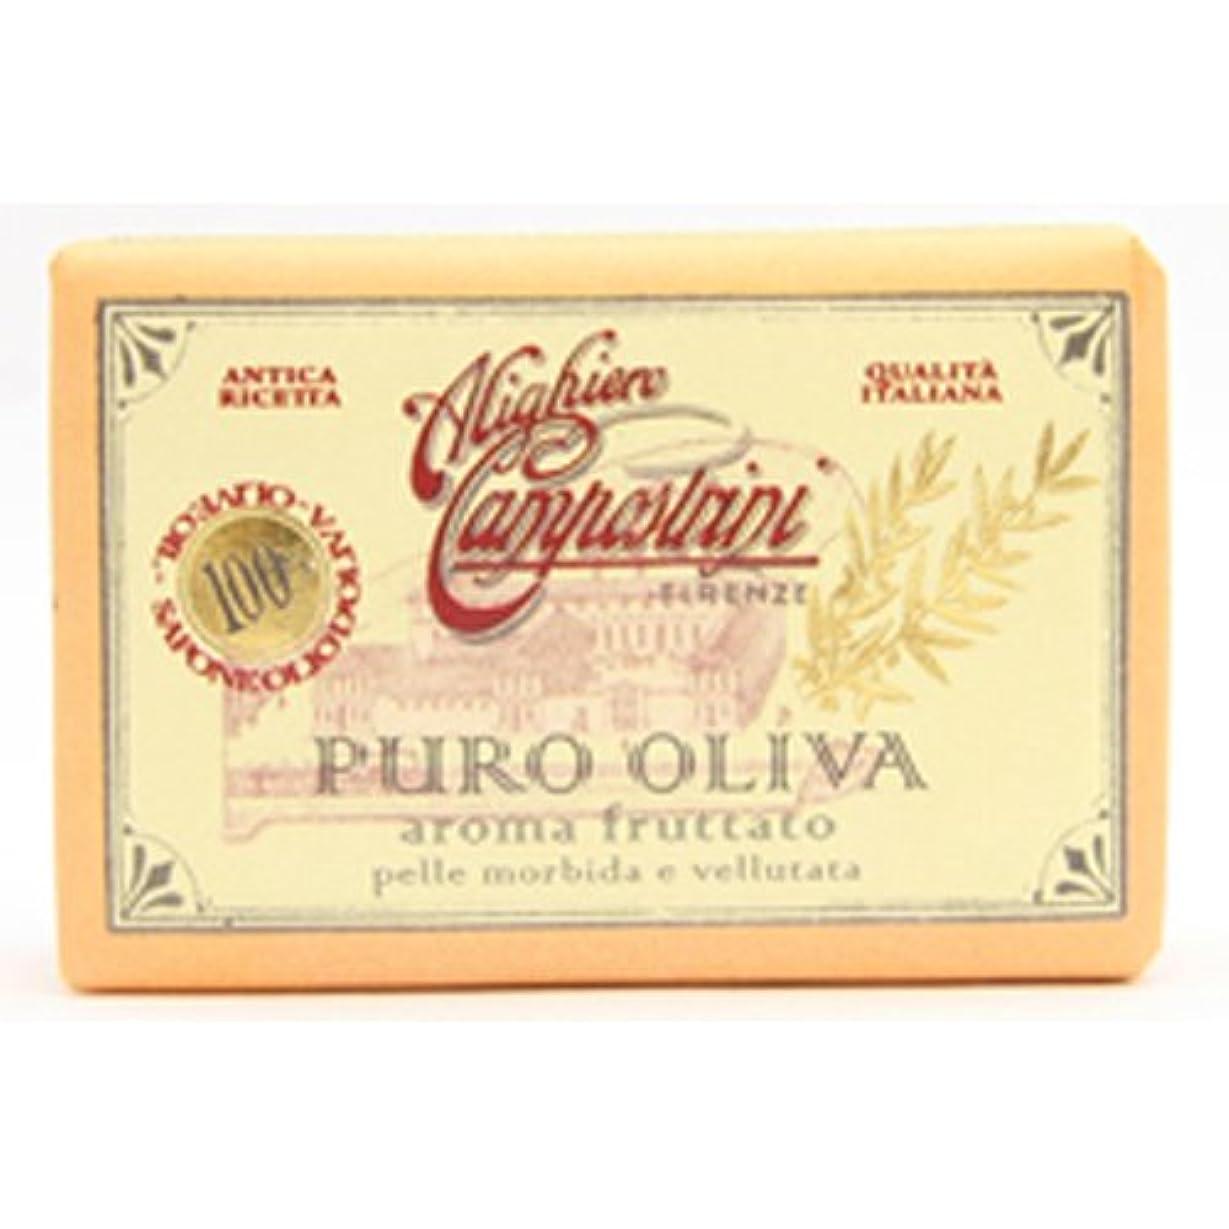 関連するサスペンションサイズSaponerire Fissi サポネリーフィッシー PURO OLIVA Soap オリーブオイル ピュロ ソープ Aroma fruttato フルーツ(オレンジ)